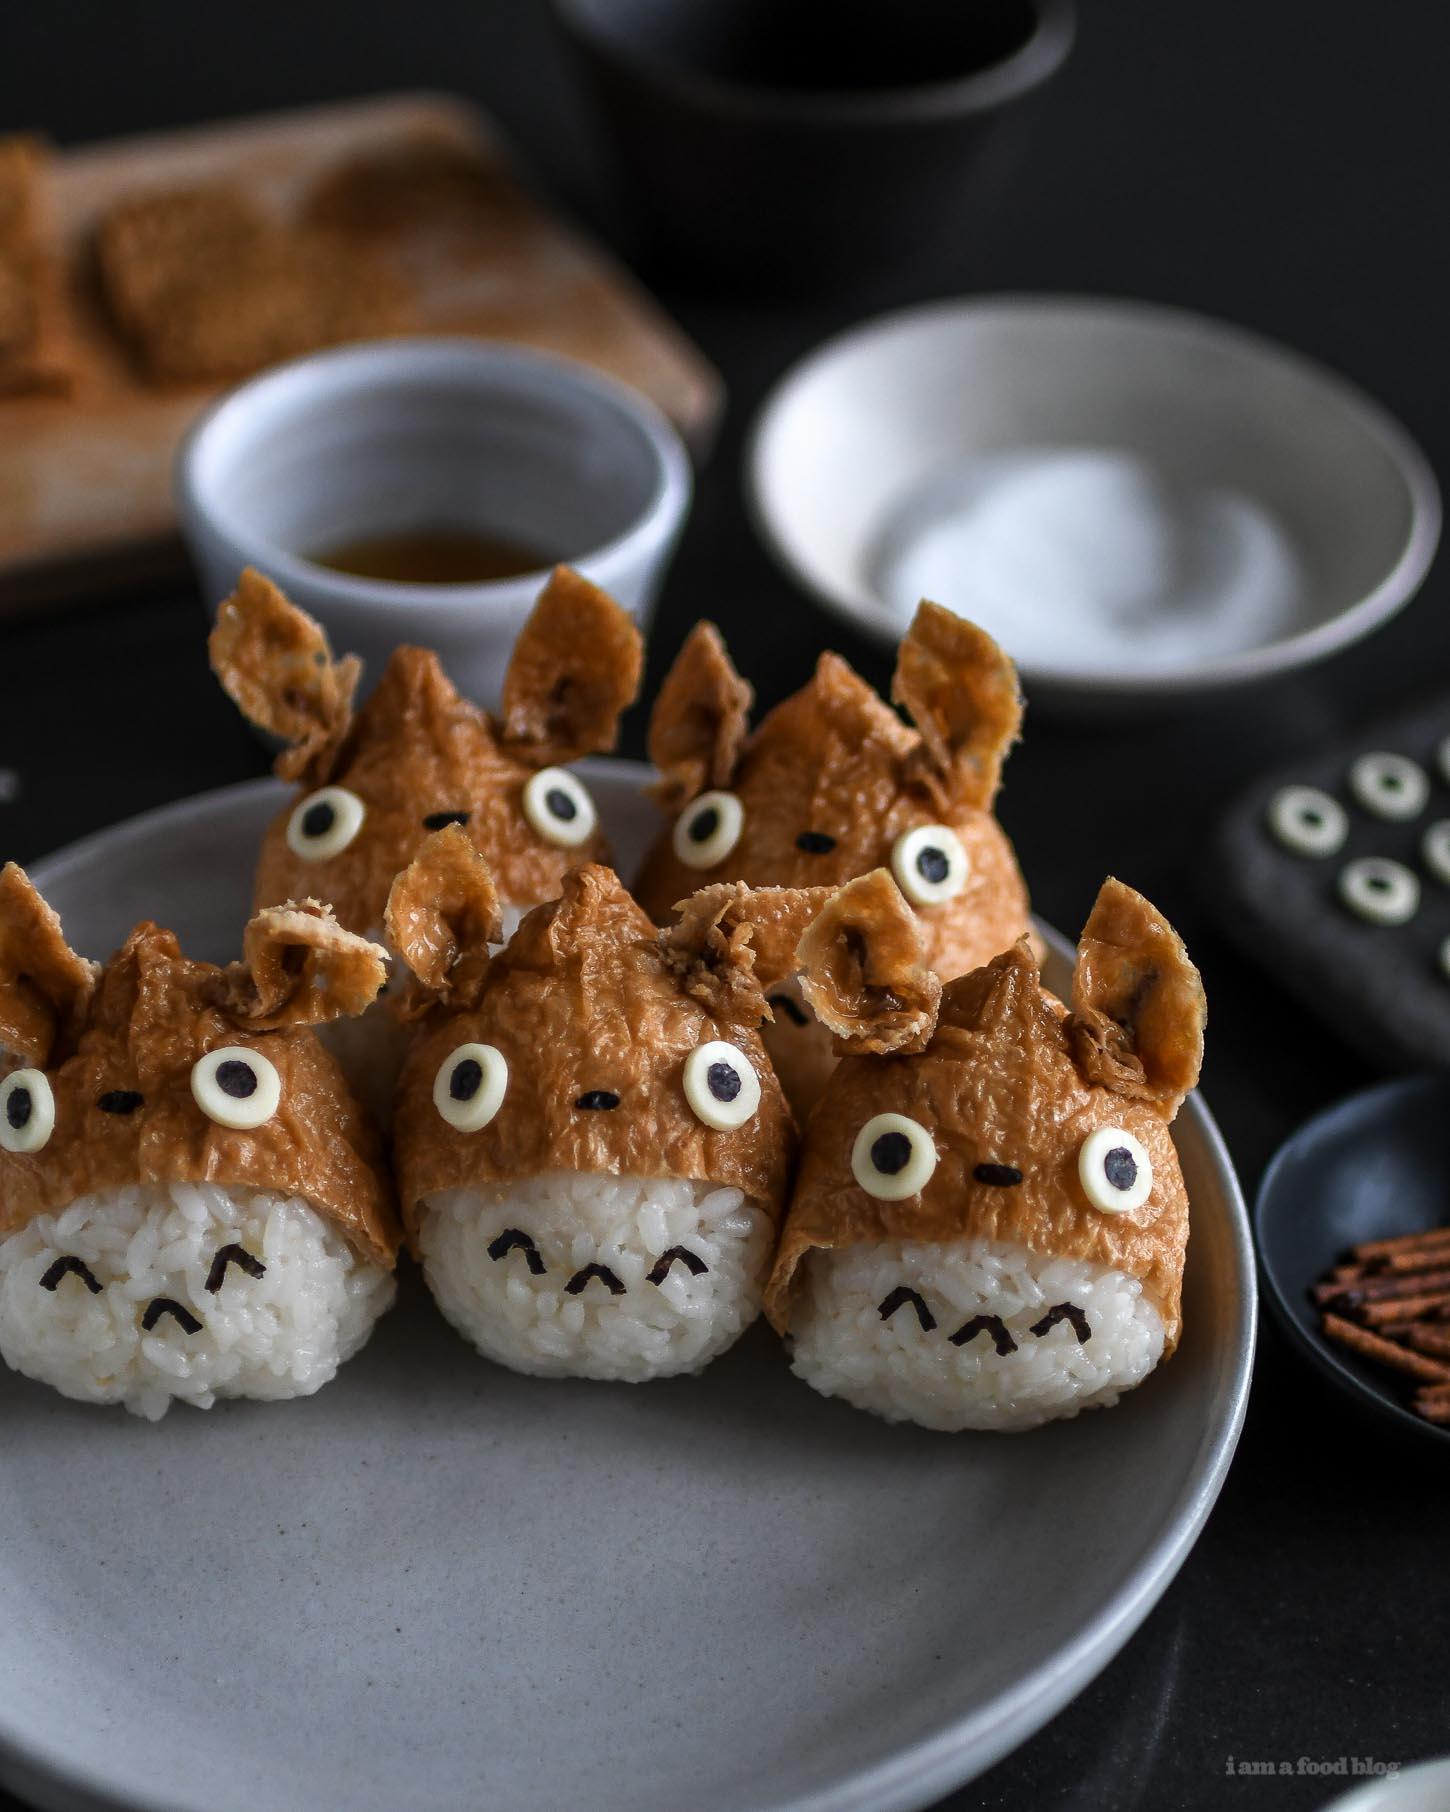 totoro inari sushi recipe - www.iamafoodblog.com